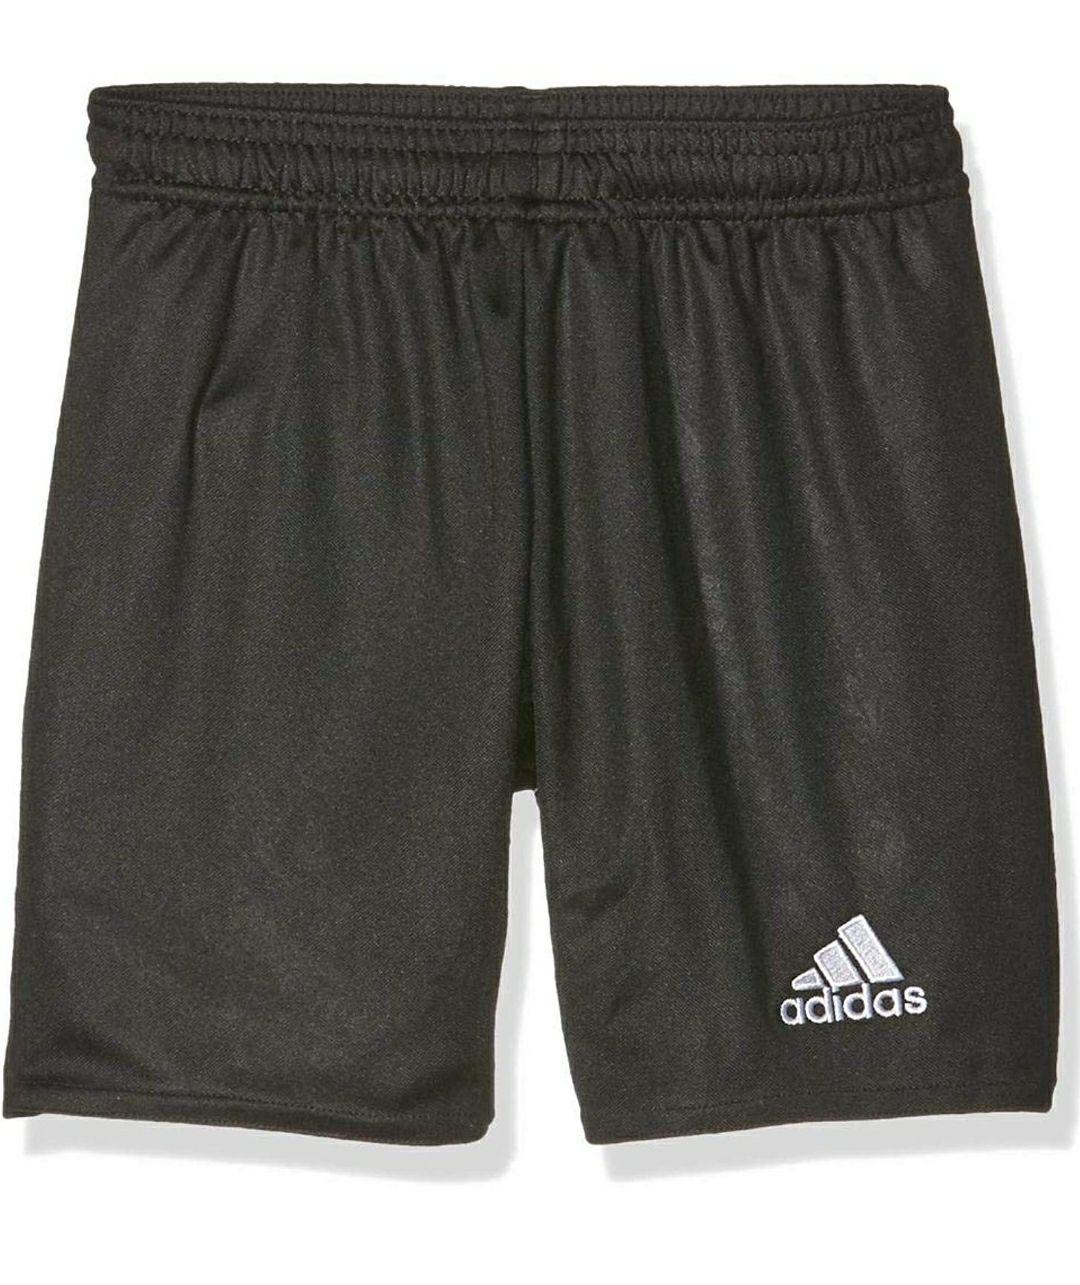 Pantalón corto de adidas hombre